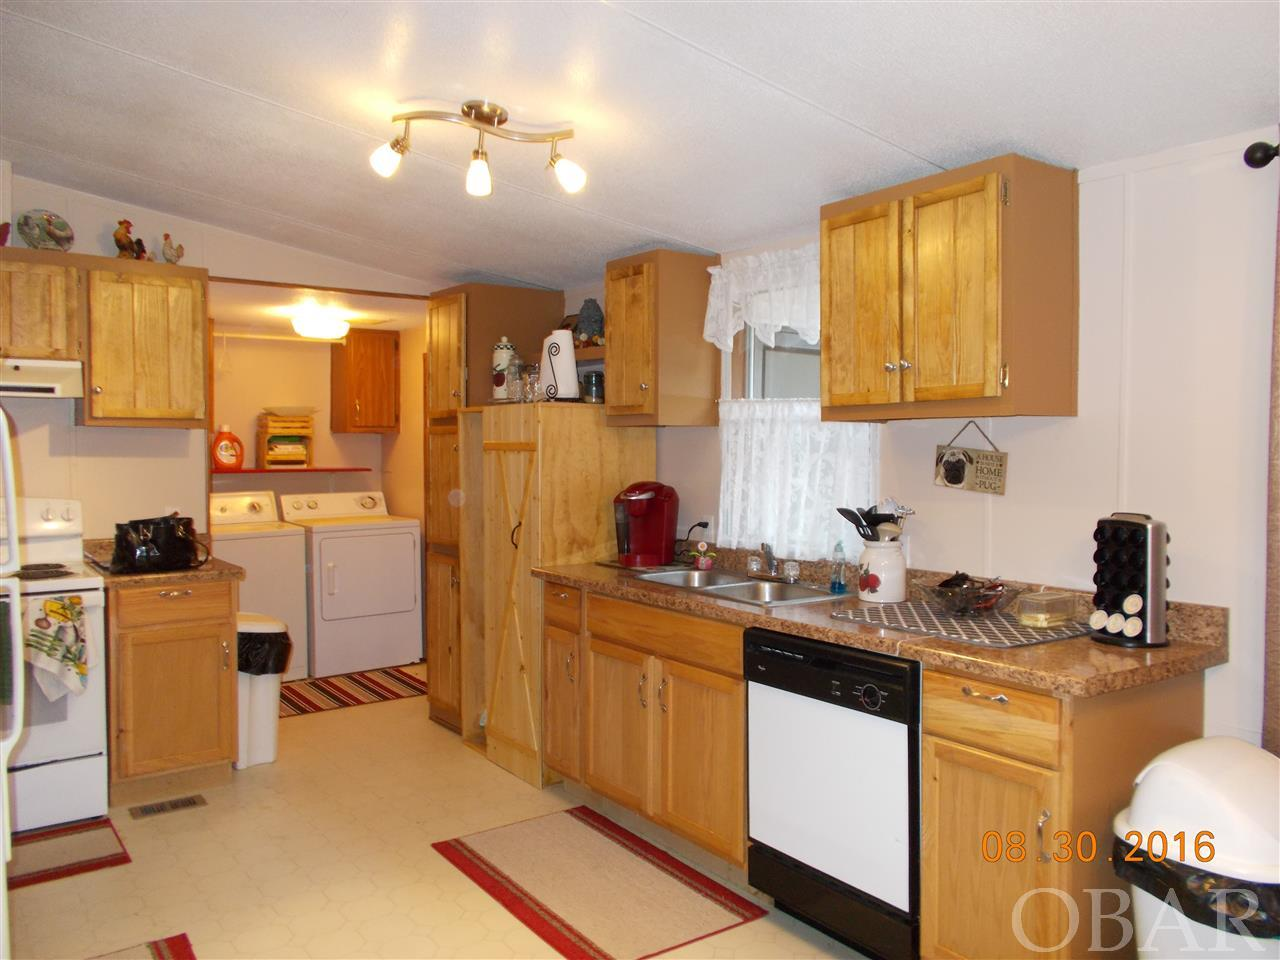 135 Michael Street,Jarvisburg,NC 27947,3 Bedrooms Bedrooms,2 BathroomsBathrooms,Residential,Michael Street,93622